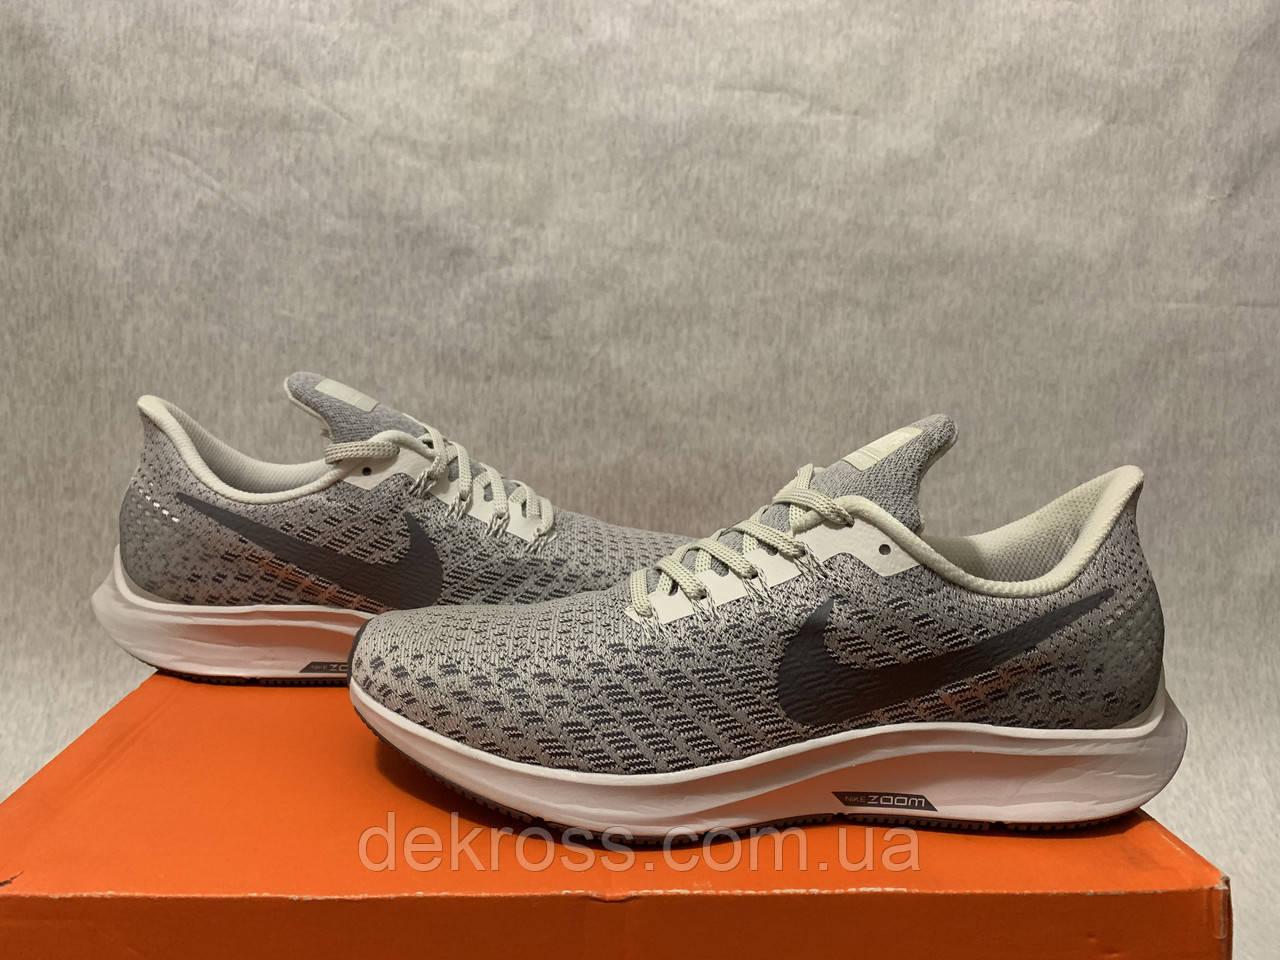 Кросівки Nike Air Zoom Pegasus 35 Оригінал 942851-004